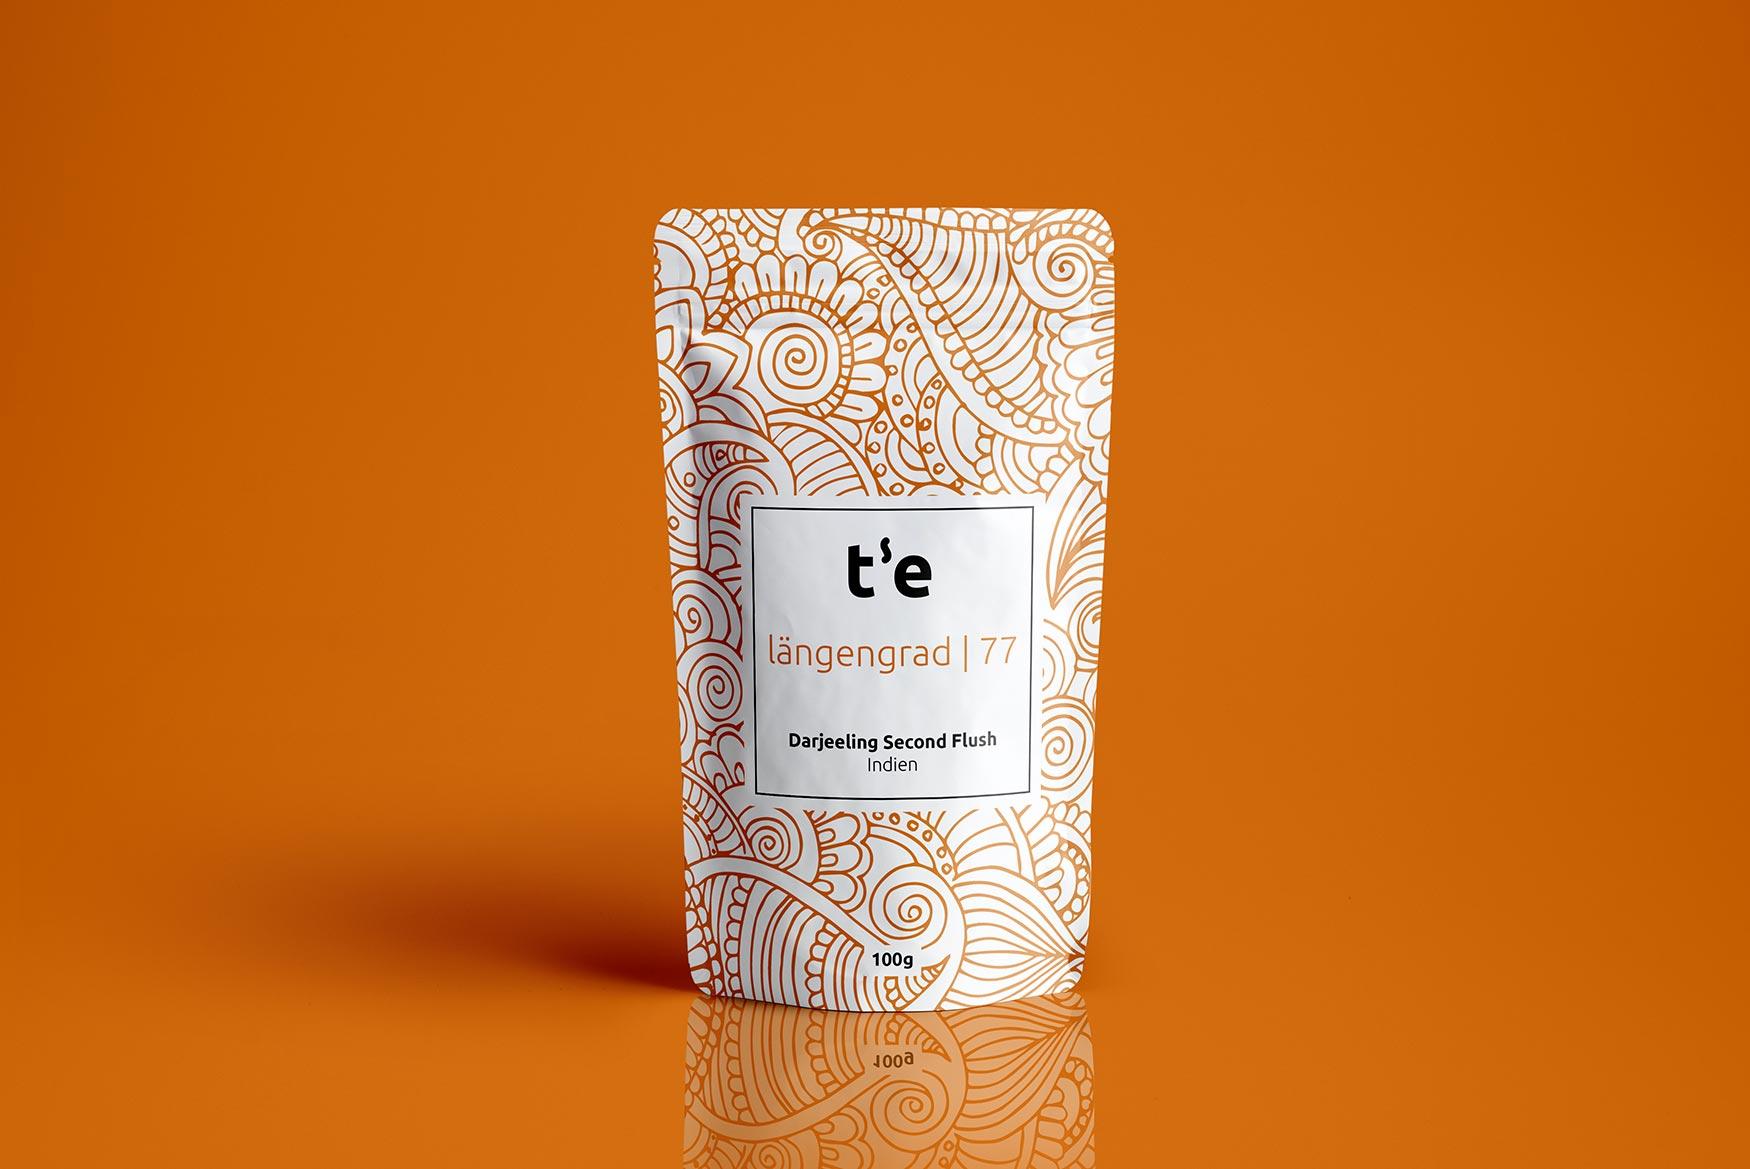 Verpackungdesign-Tee-9-Designagentur-Stuttgart-Kreativbetrieb